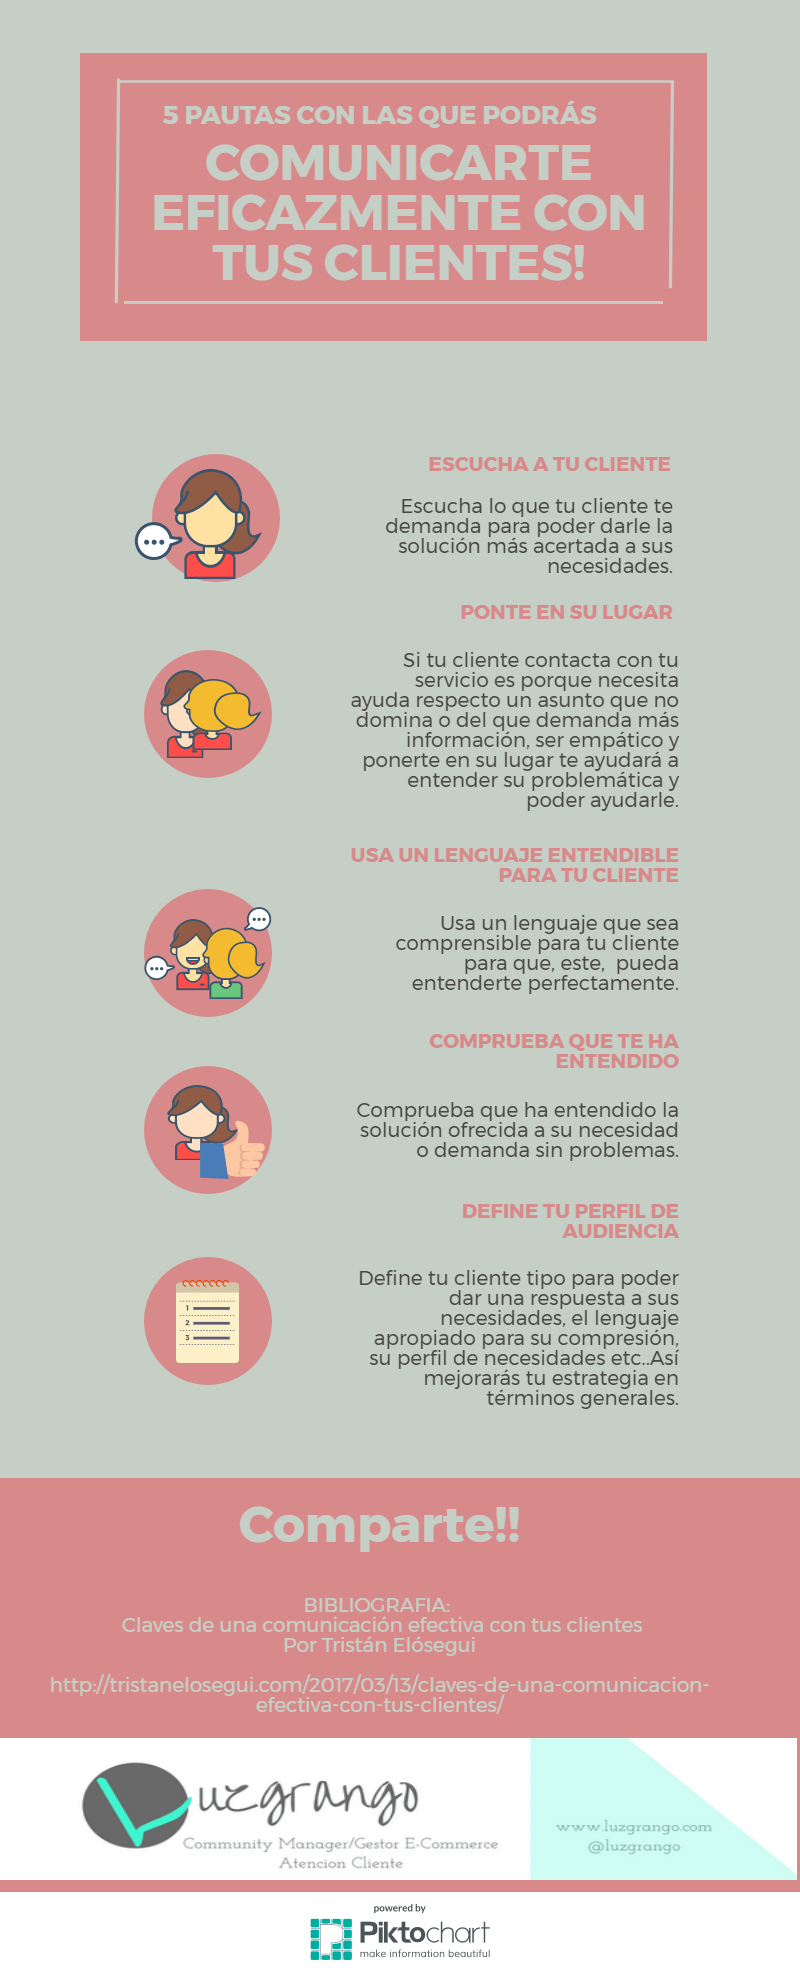 5 pautas con las que podrás comunicarte eficazmente con tus clientes